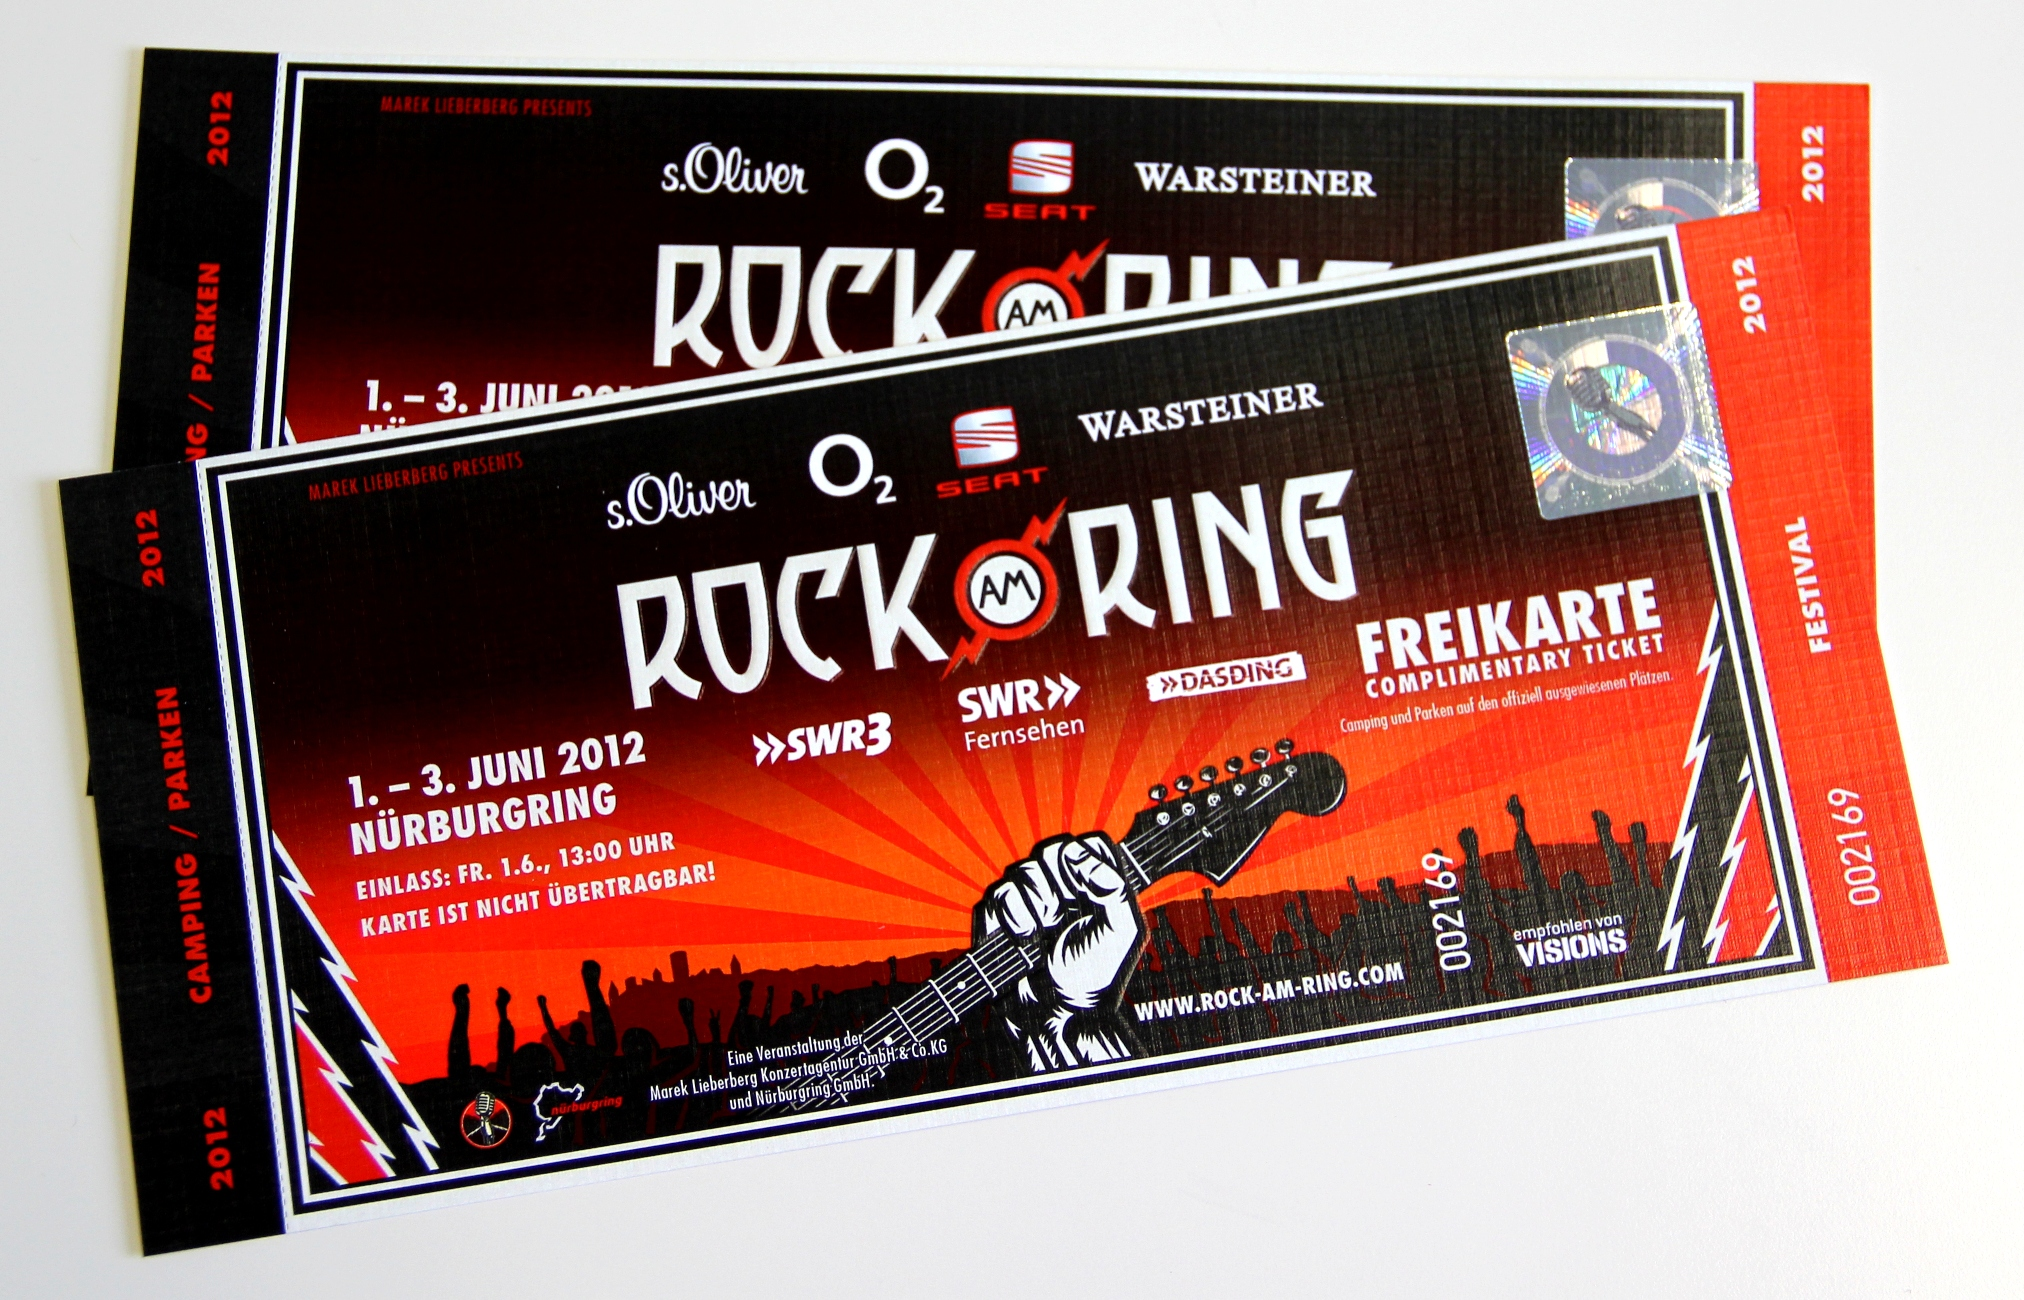 Gewinnt zwei Rock am Ring 2012-Tickets